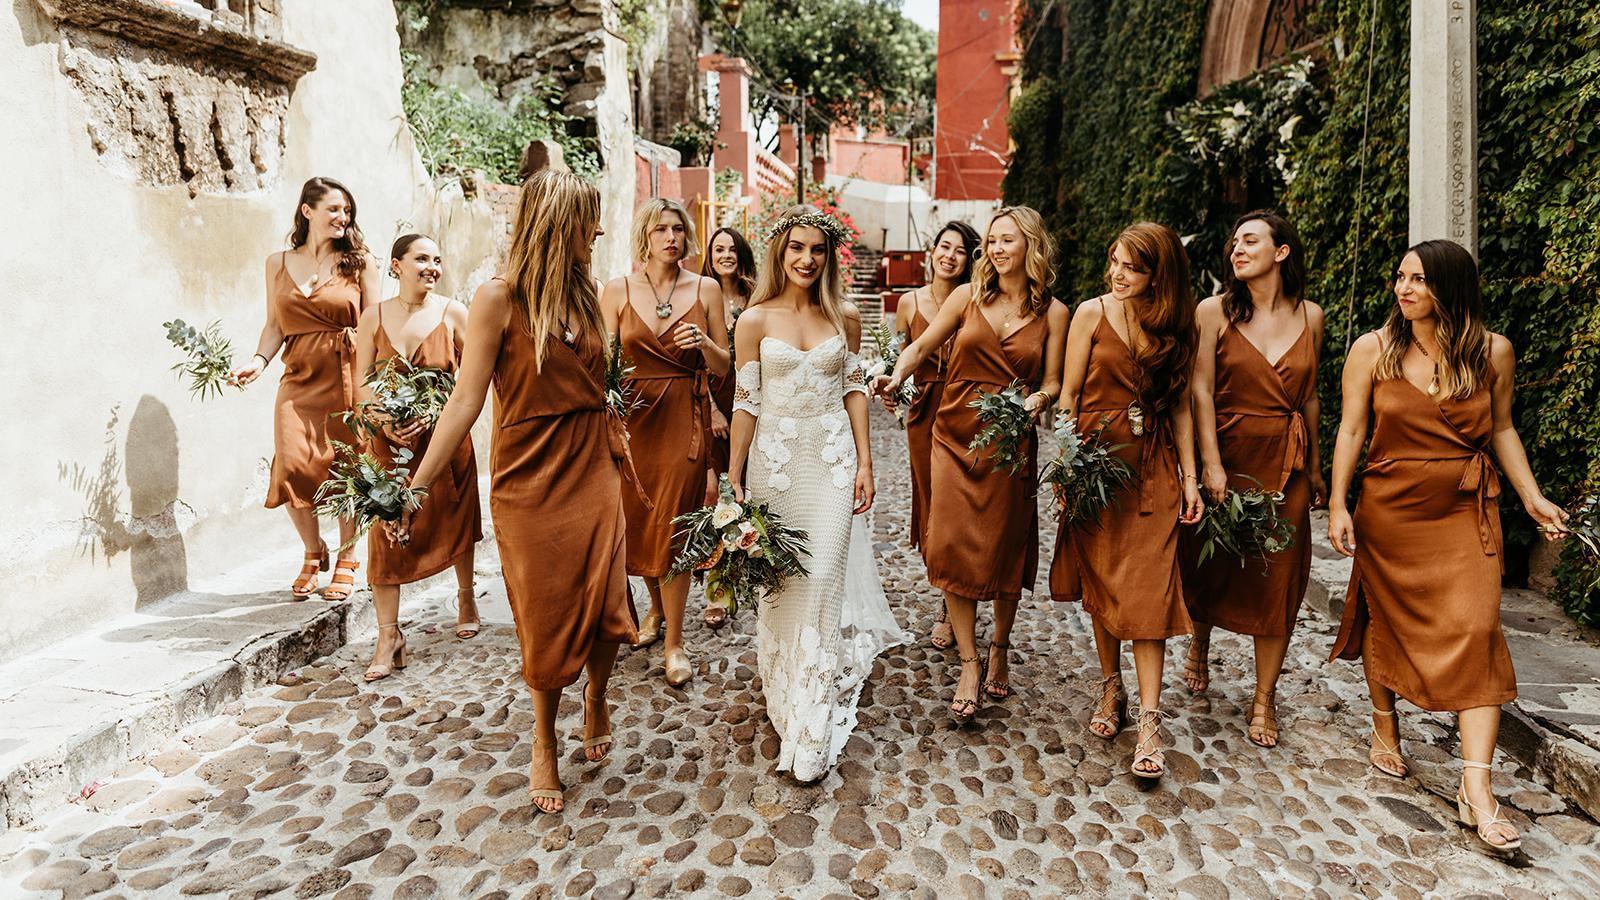 Bridal party favors proposal card Bridesmaid favors will you be my bridesmaid Funny Bridesmaid Card